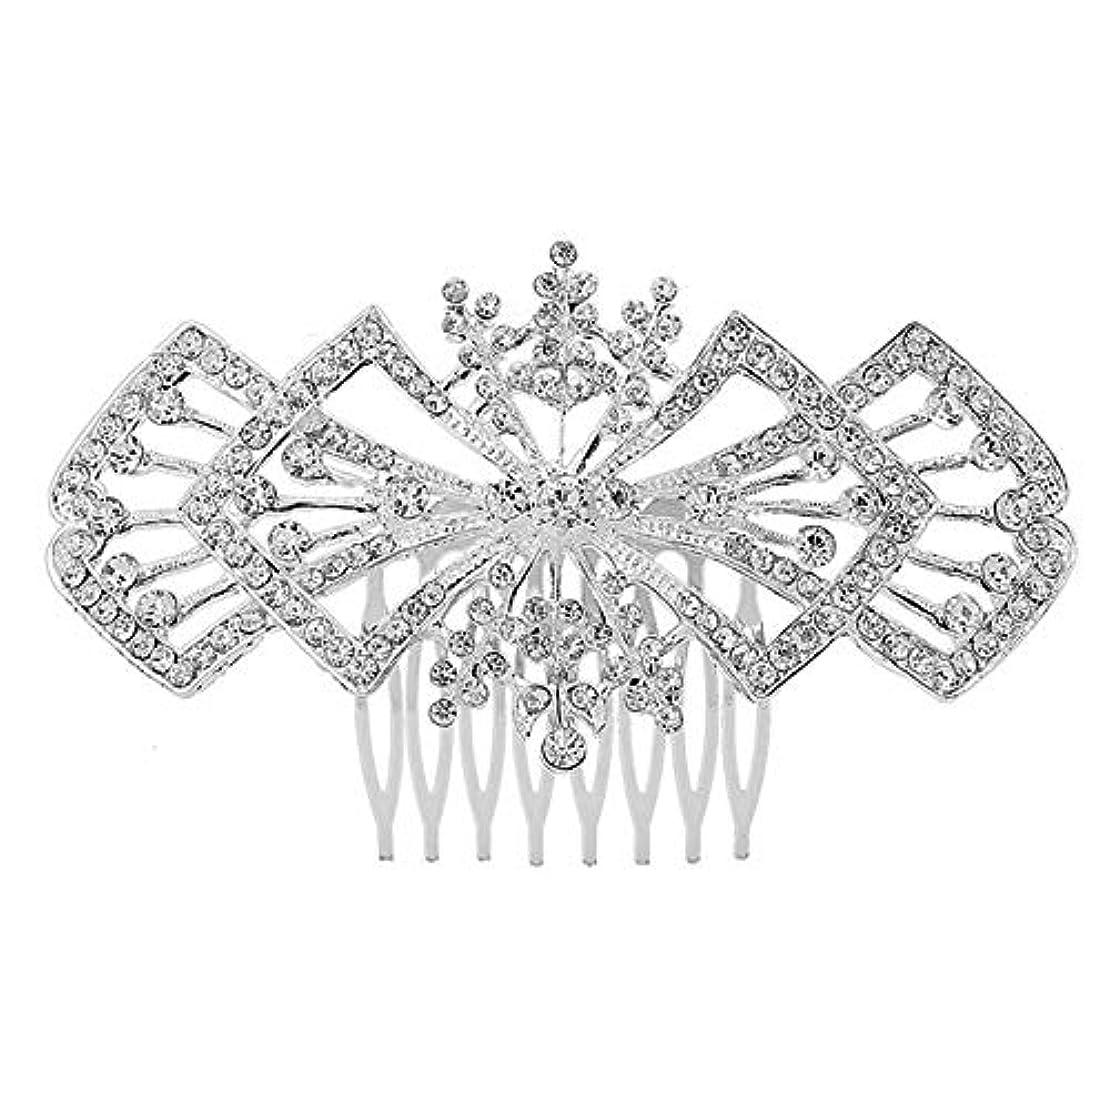 効果的オズワルド彫刻髪の櫛の櫛の櫛の花嫁の髪の櫛の花の髪の櫛のラインストーンの挿入物の櫛の合金の帽子の結婚式の宝石類